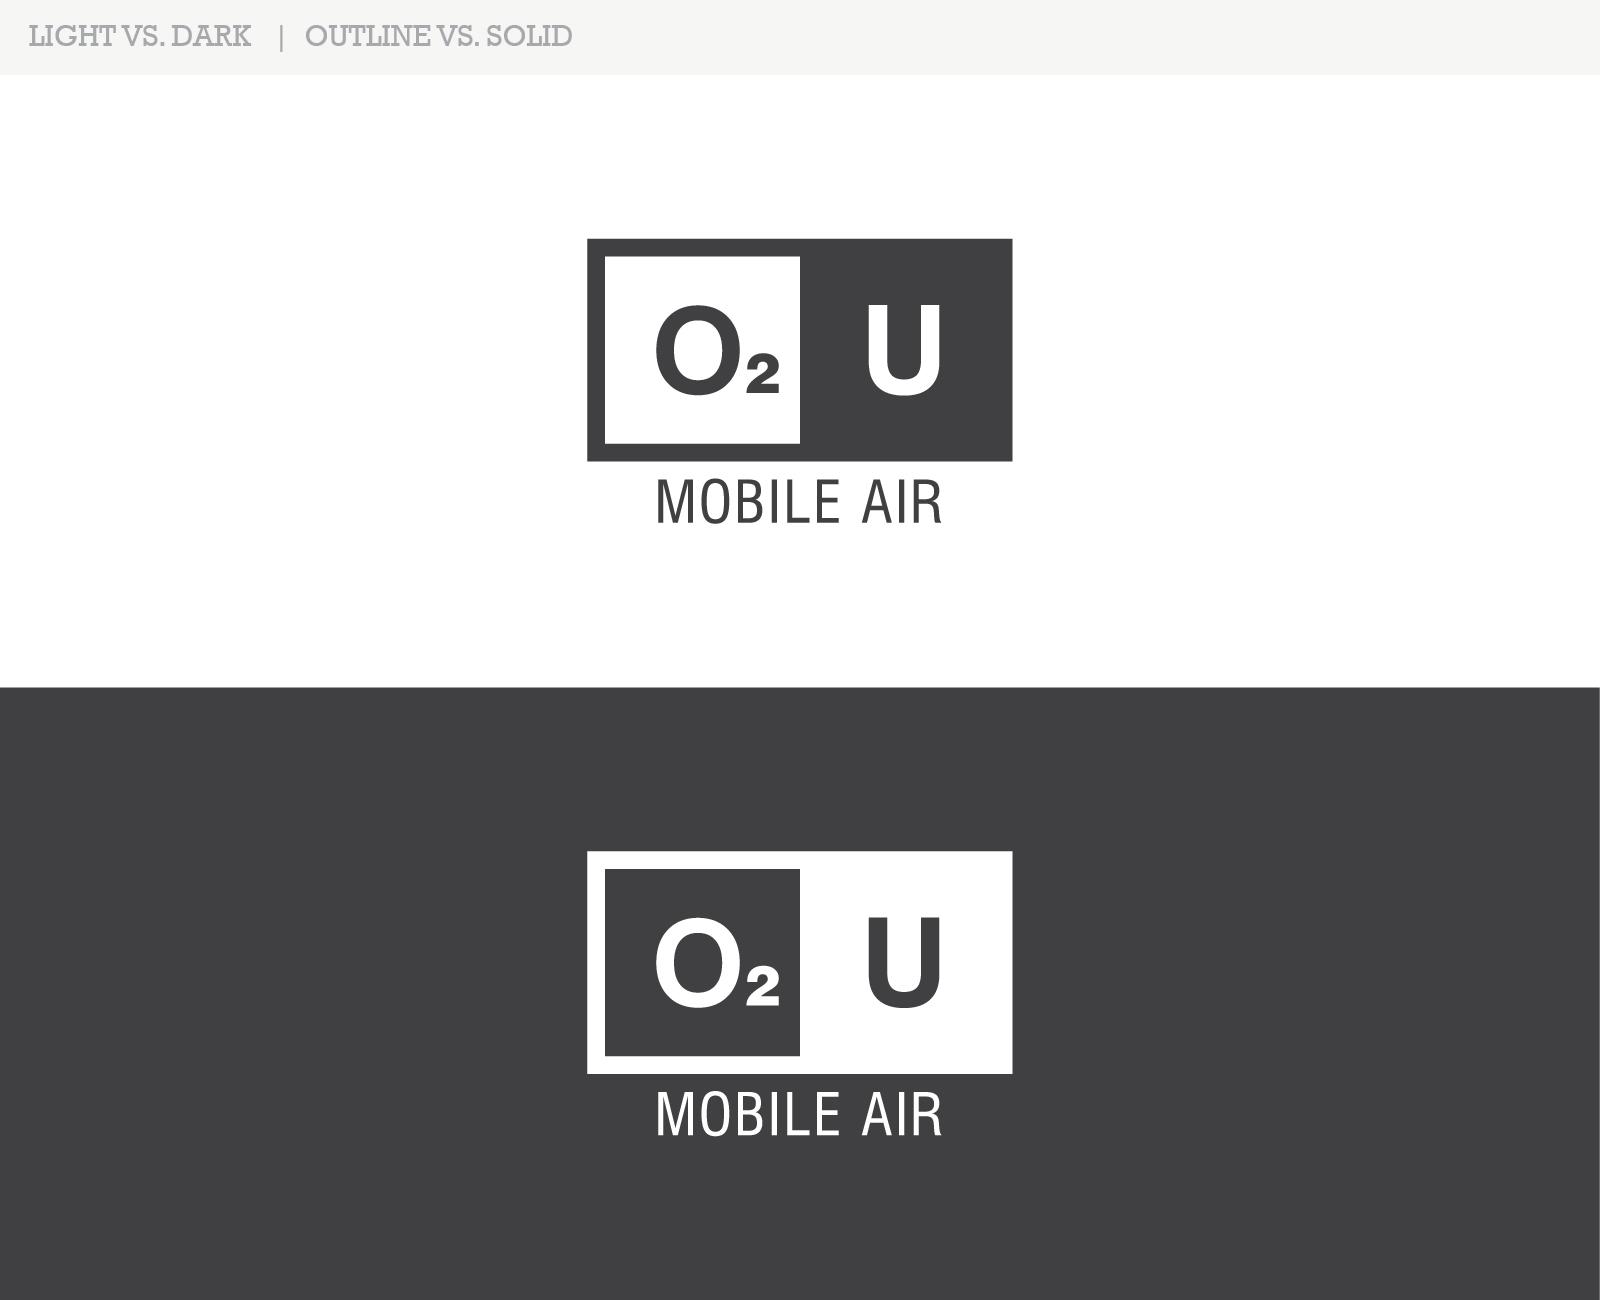 O2U-3-02.jpg